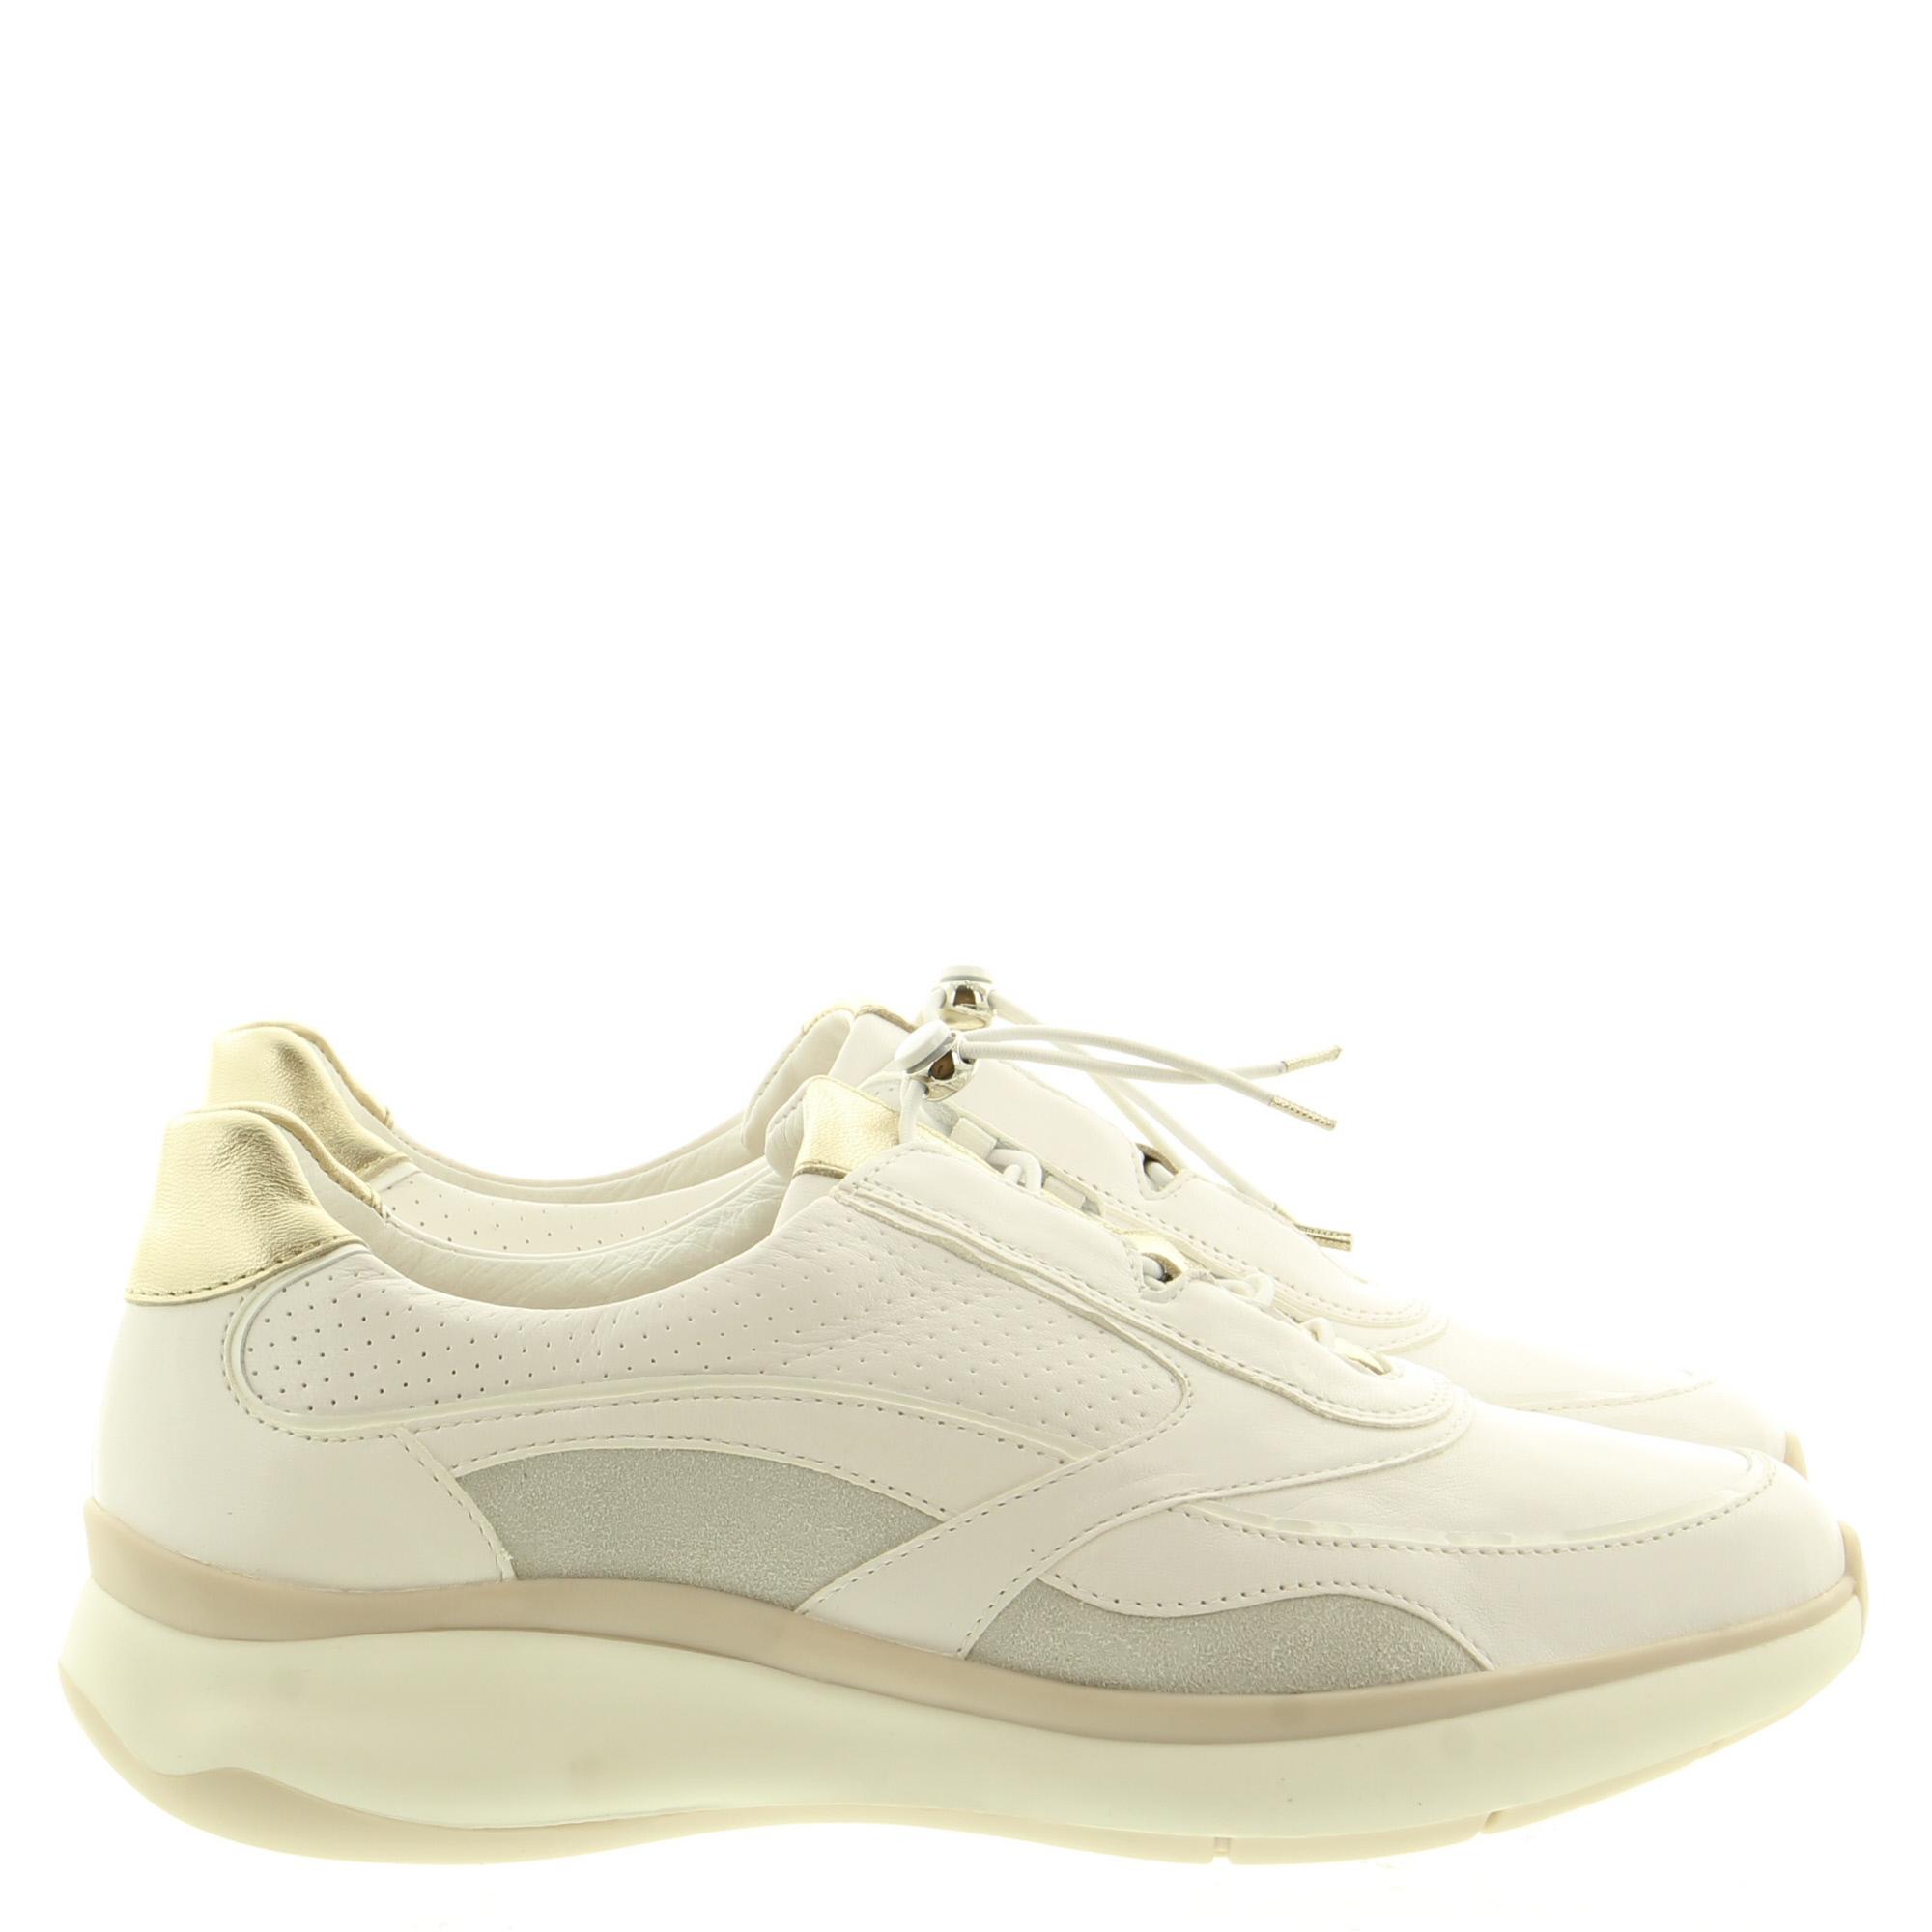 Hassia Shoes 301177 Monaco 0675 Milk Platin